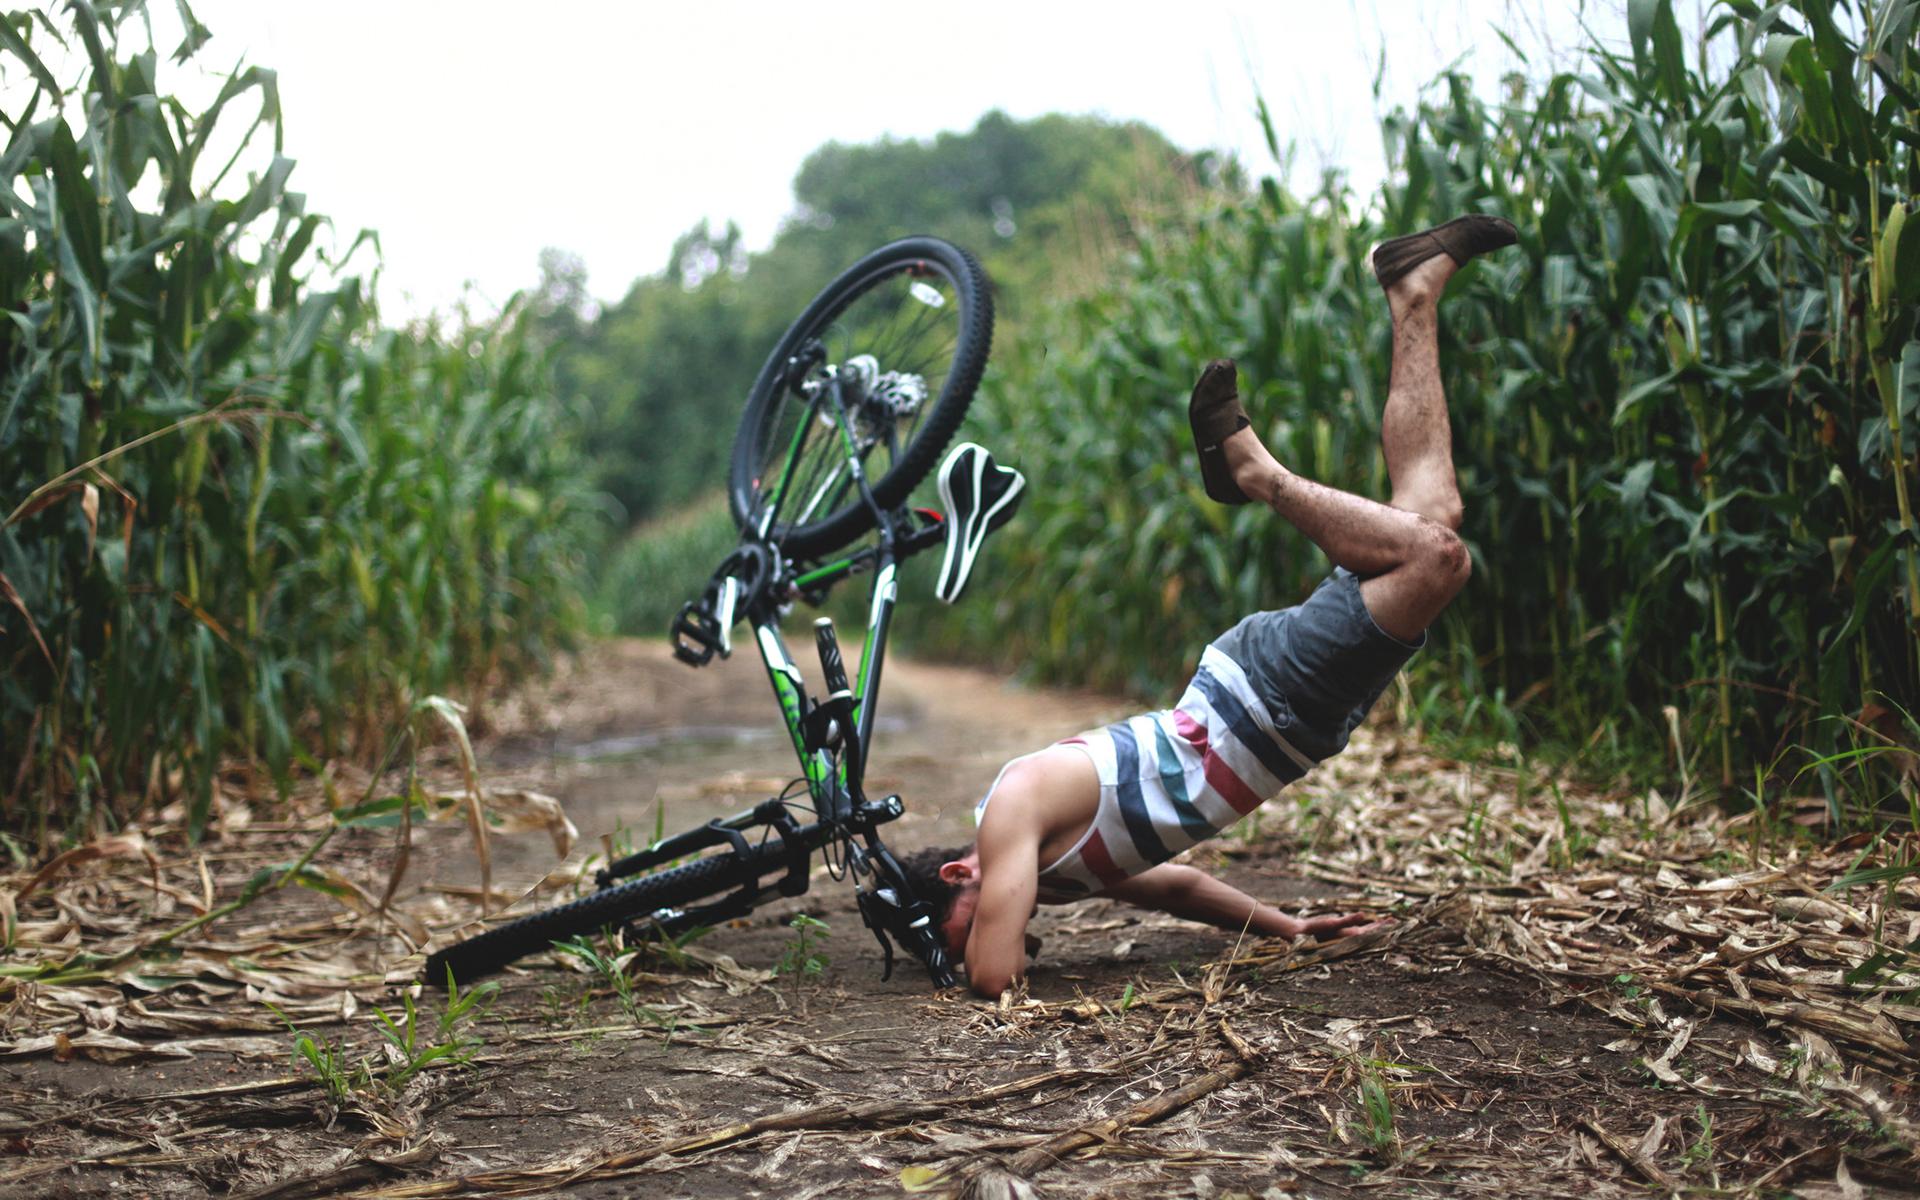 Expo-come-si-arriva-bicicletta-milano